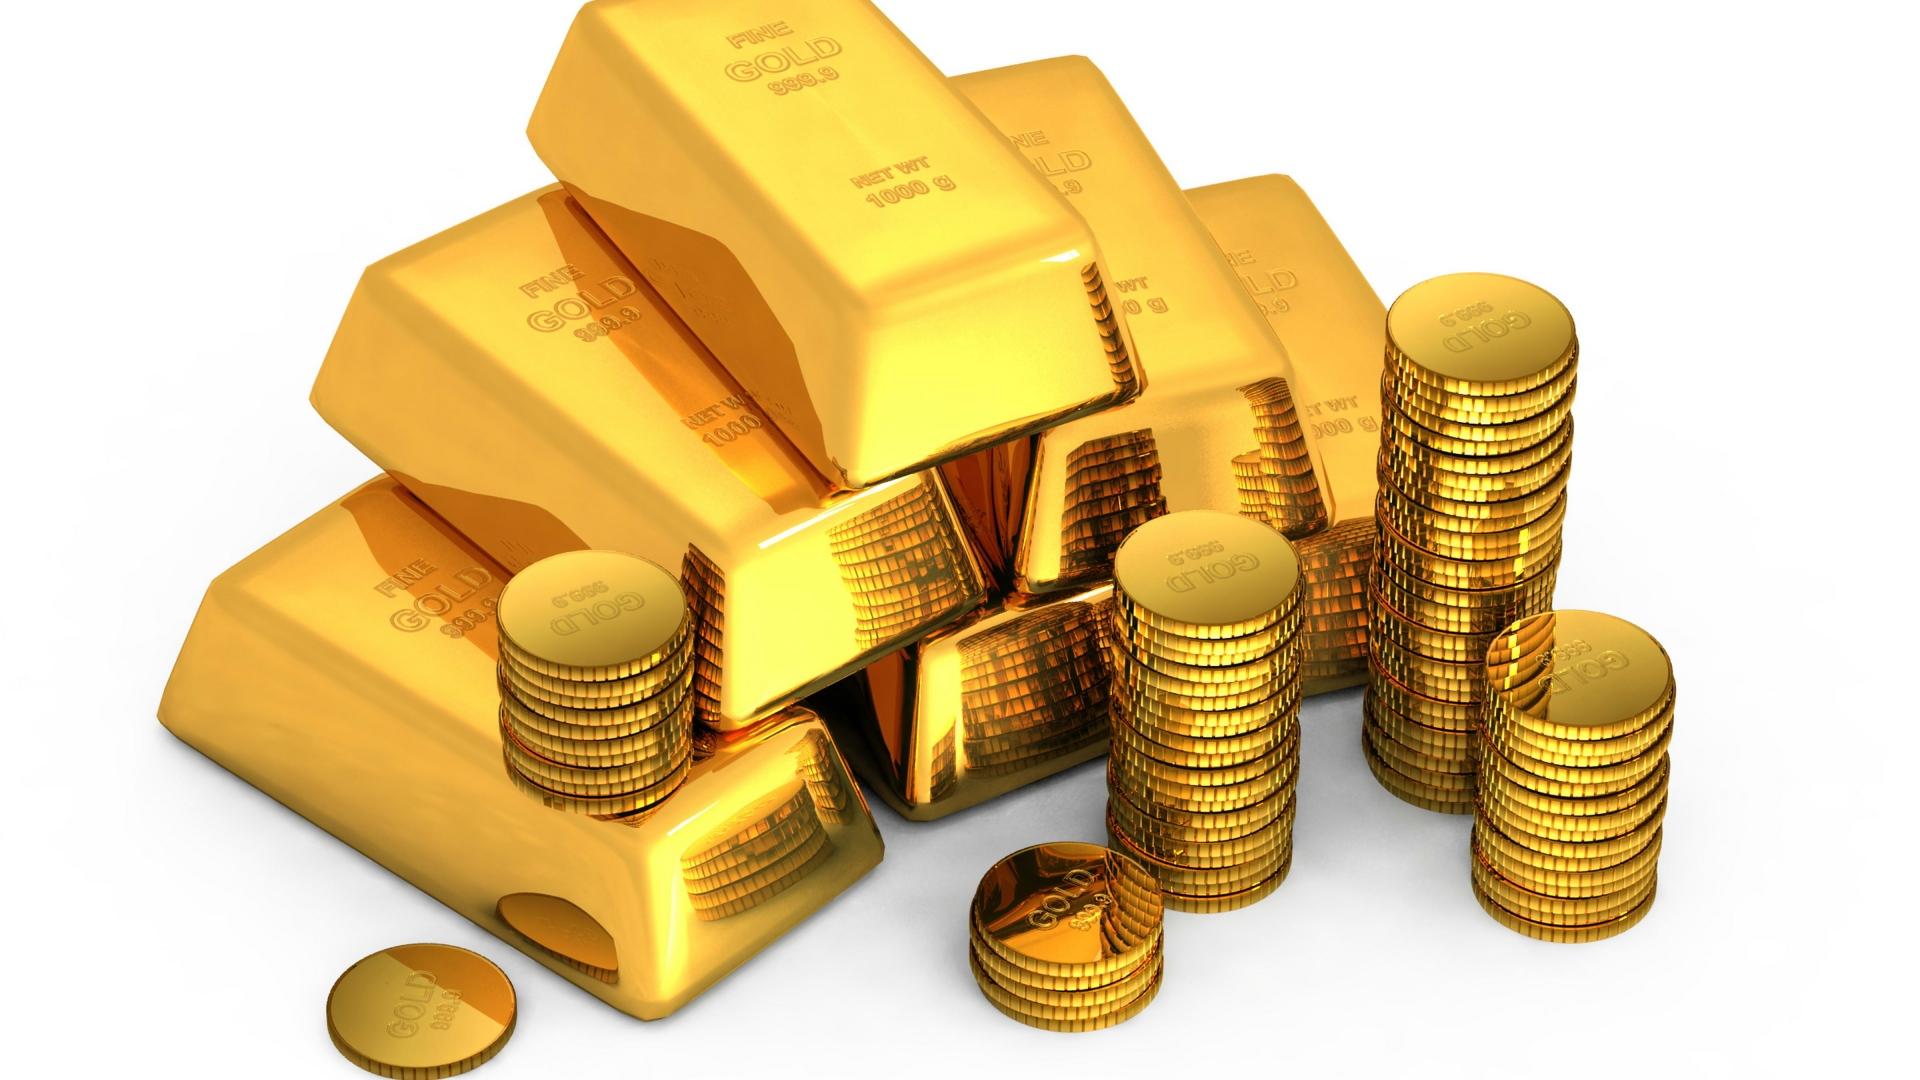 Apakah Zakat Emas & Perak Dibayarkan Setiap Tahun